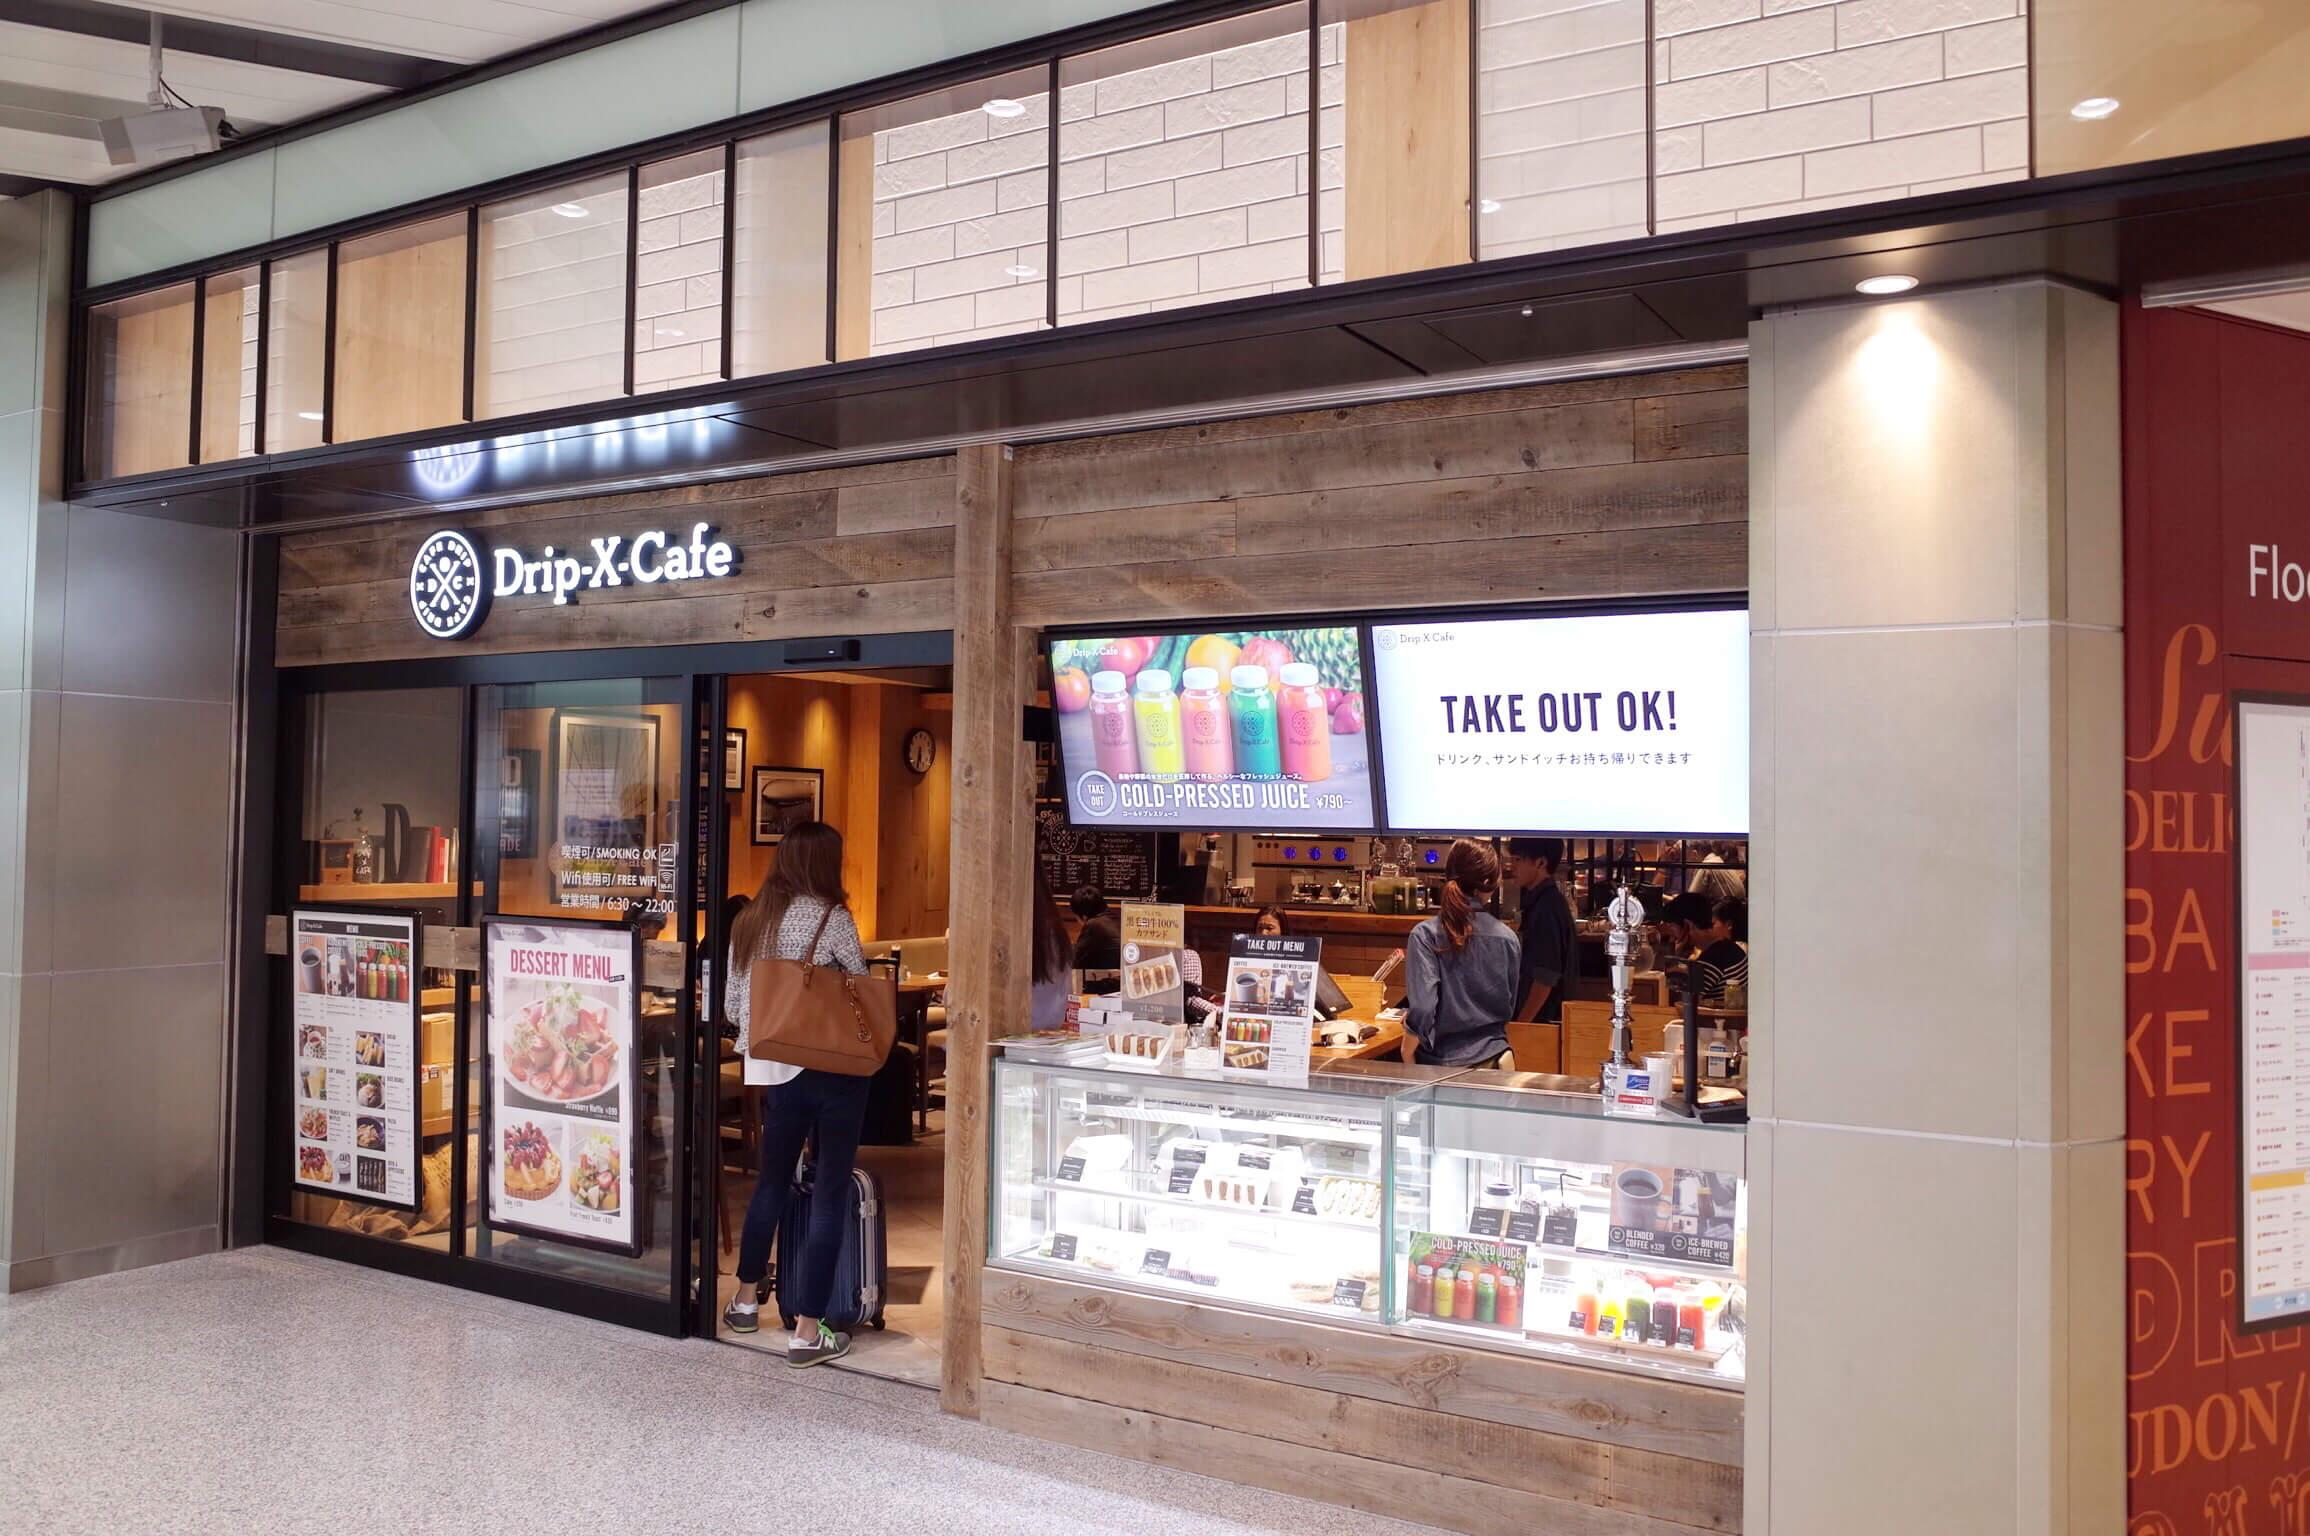 JR新大阪駅構内『Drip-X-Cafe』は食事、お酒、コールドプレスジュースまでそろったオシャレカフェ